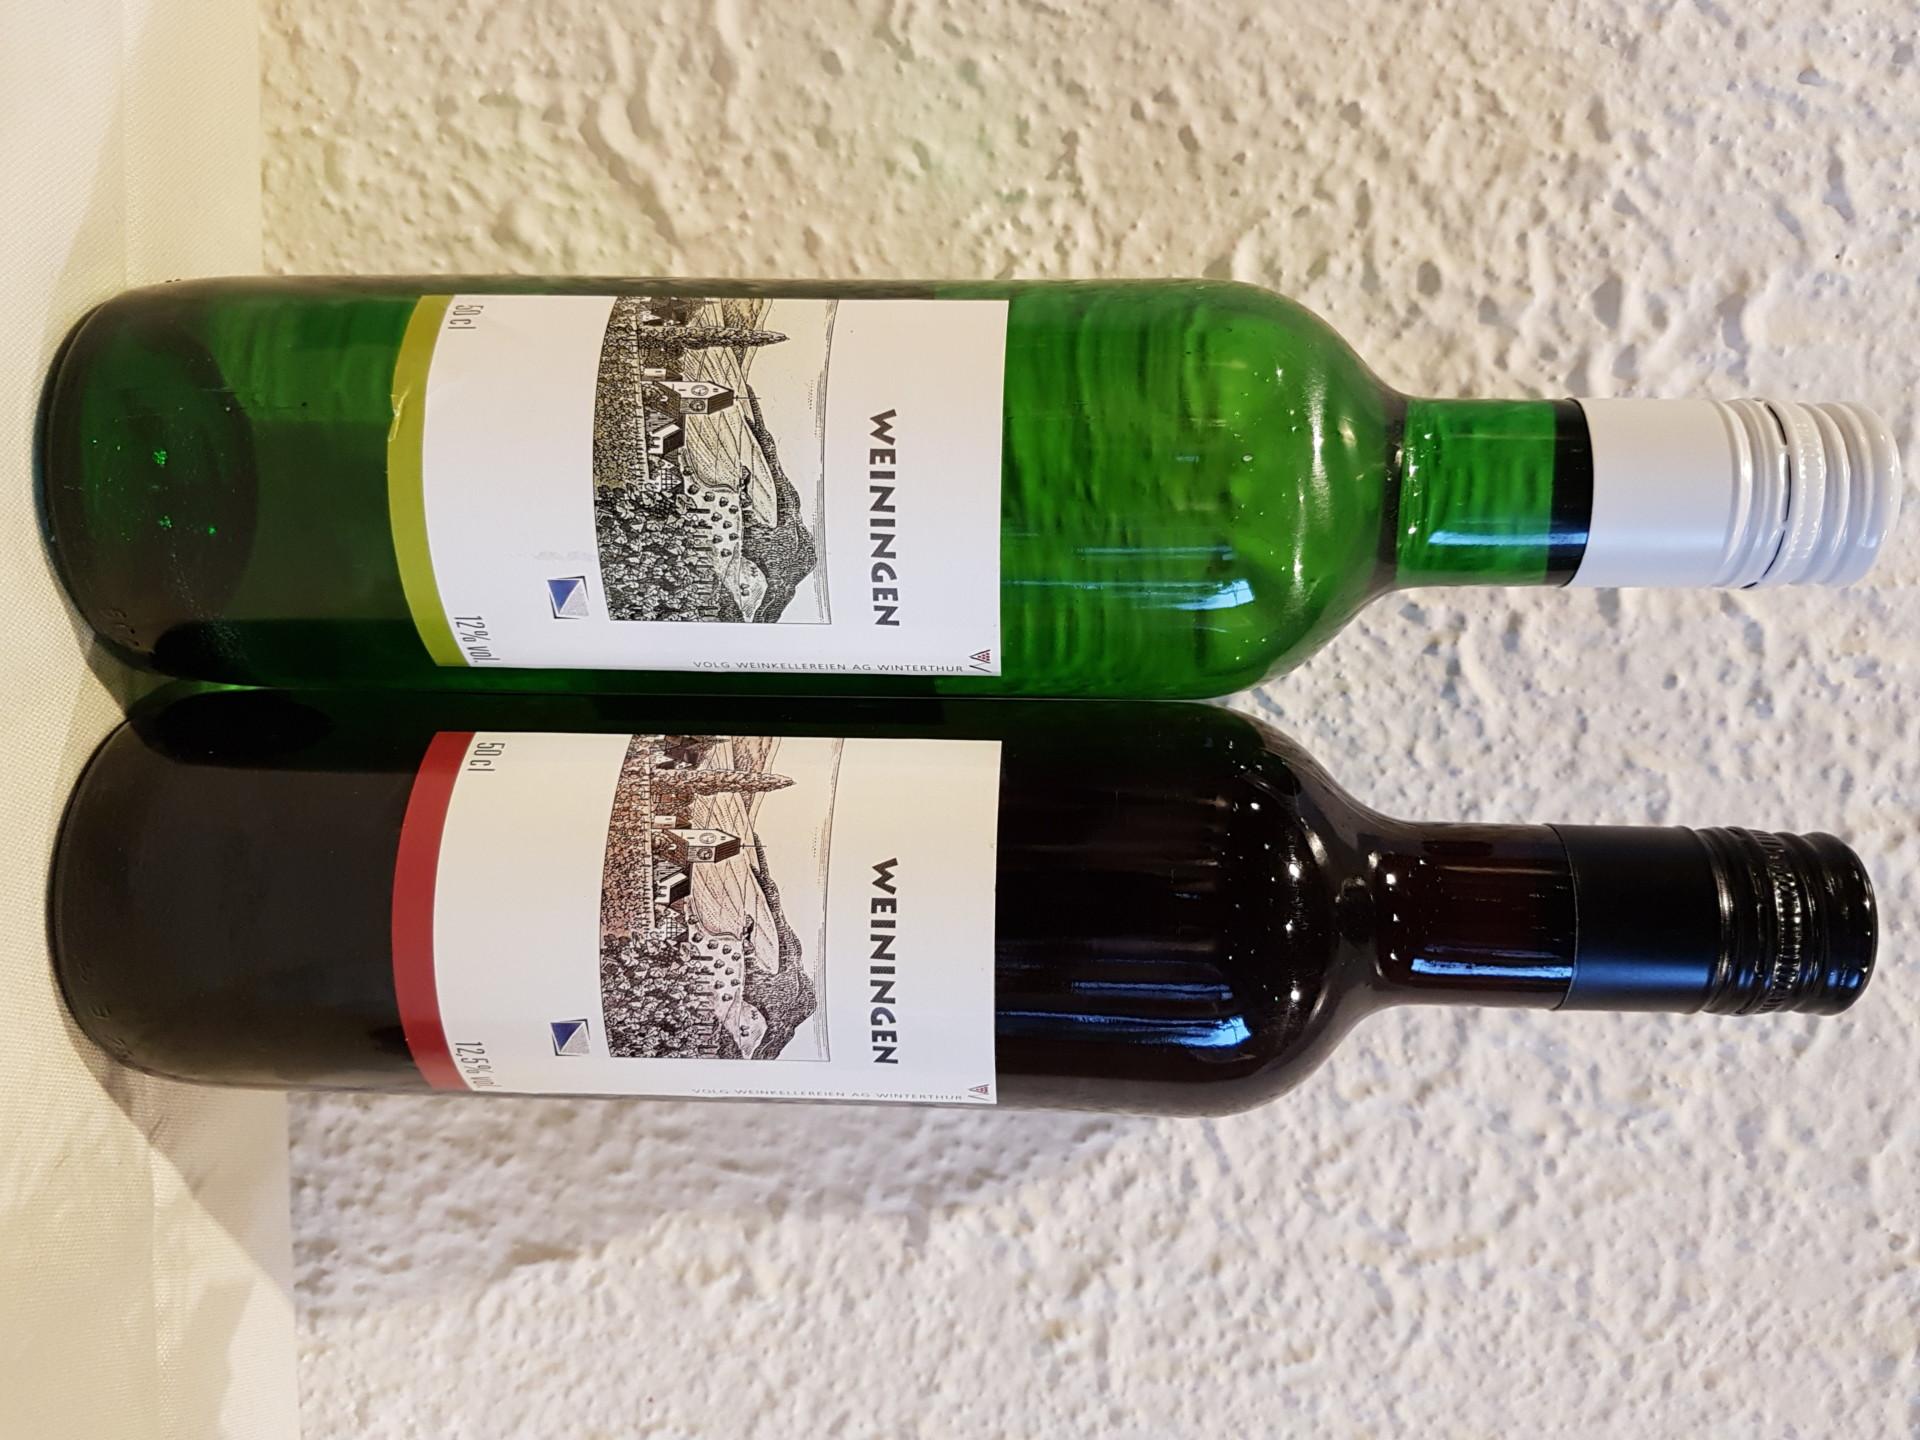 Weininger Weine im Halblitterfläschli